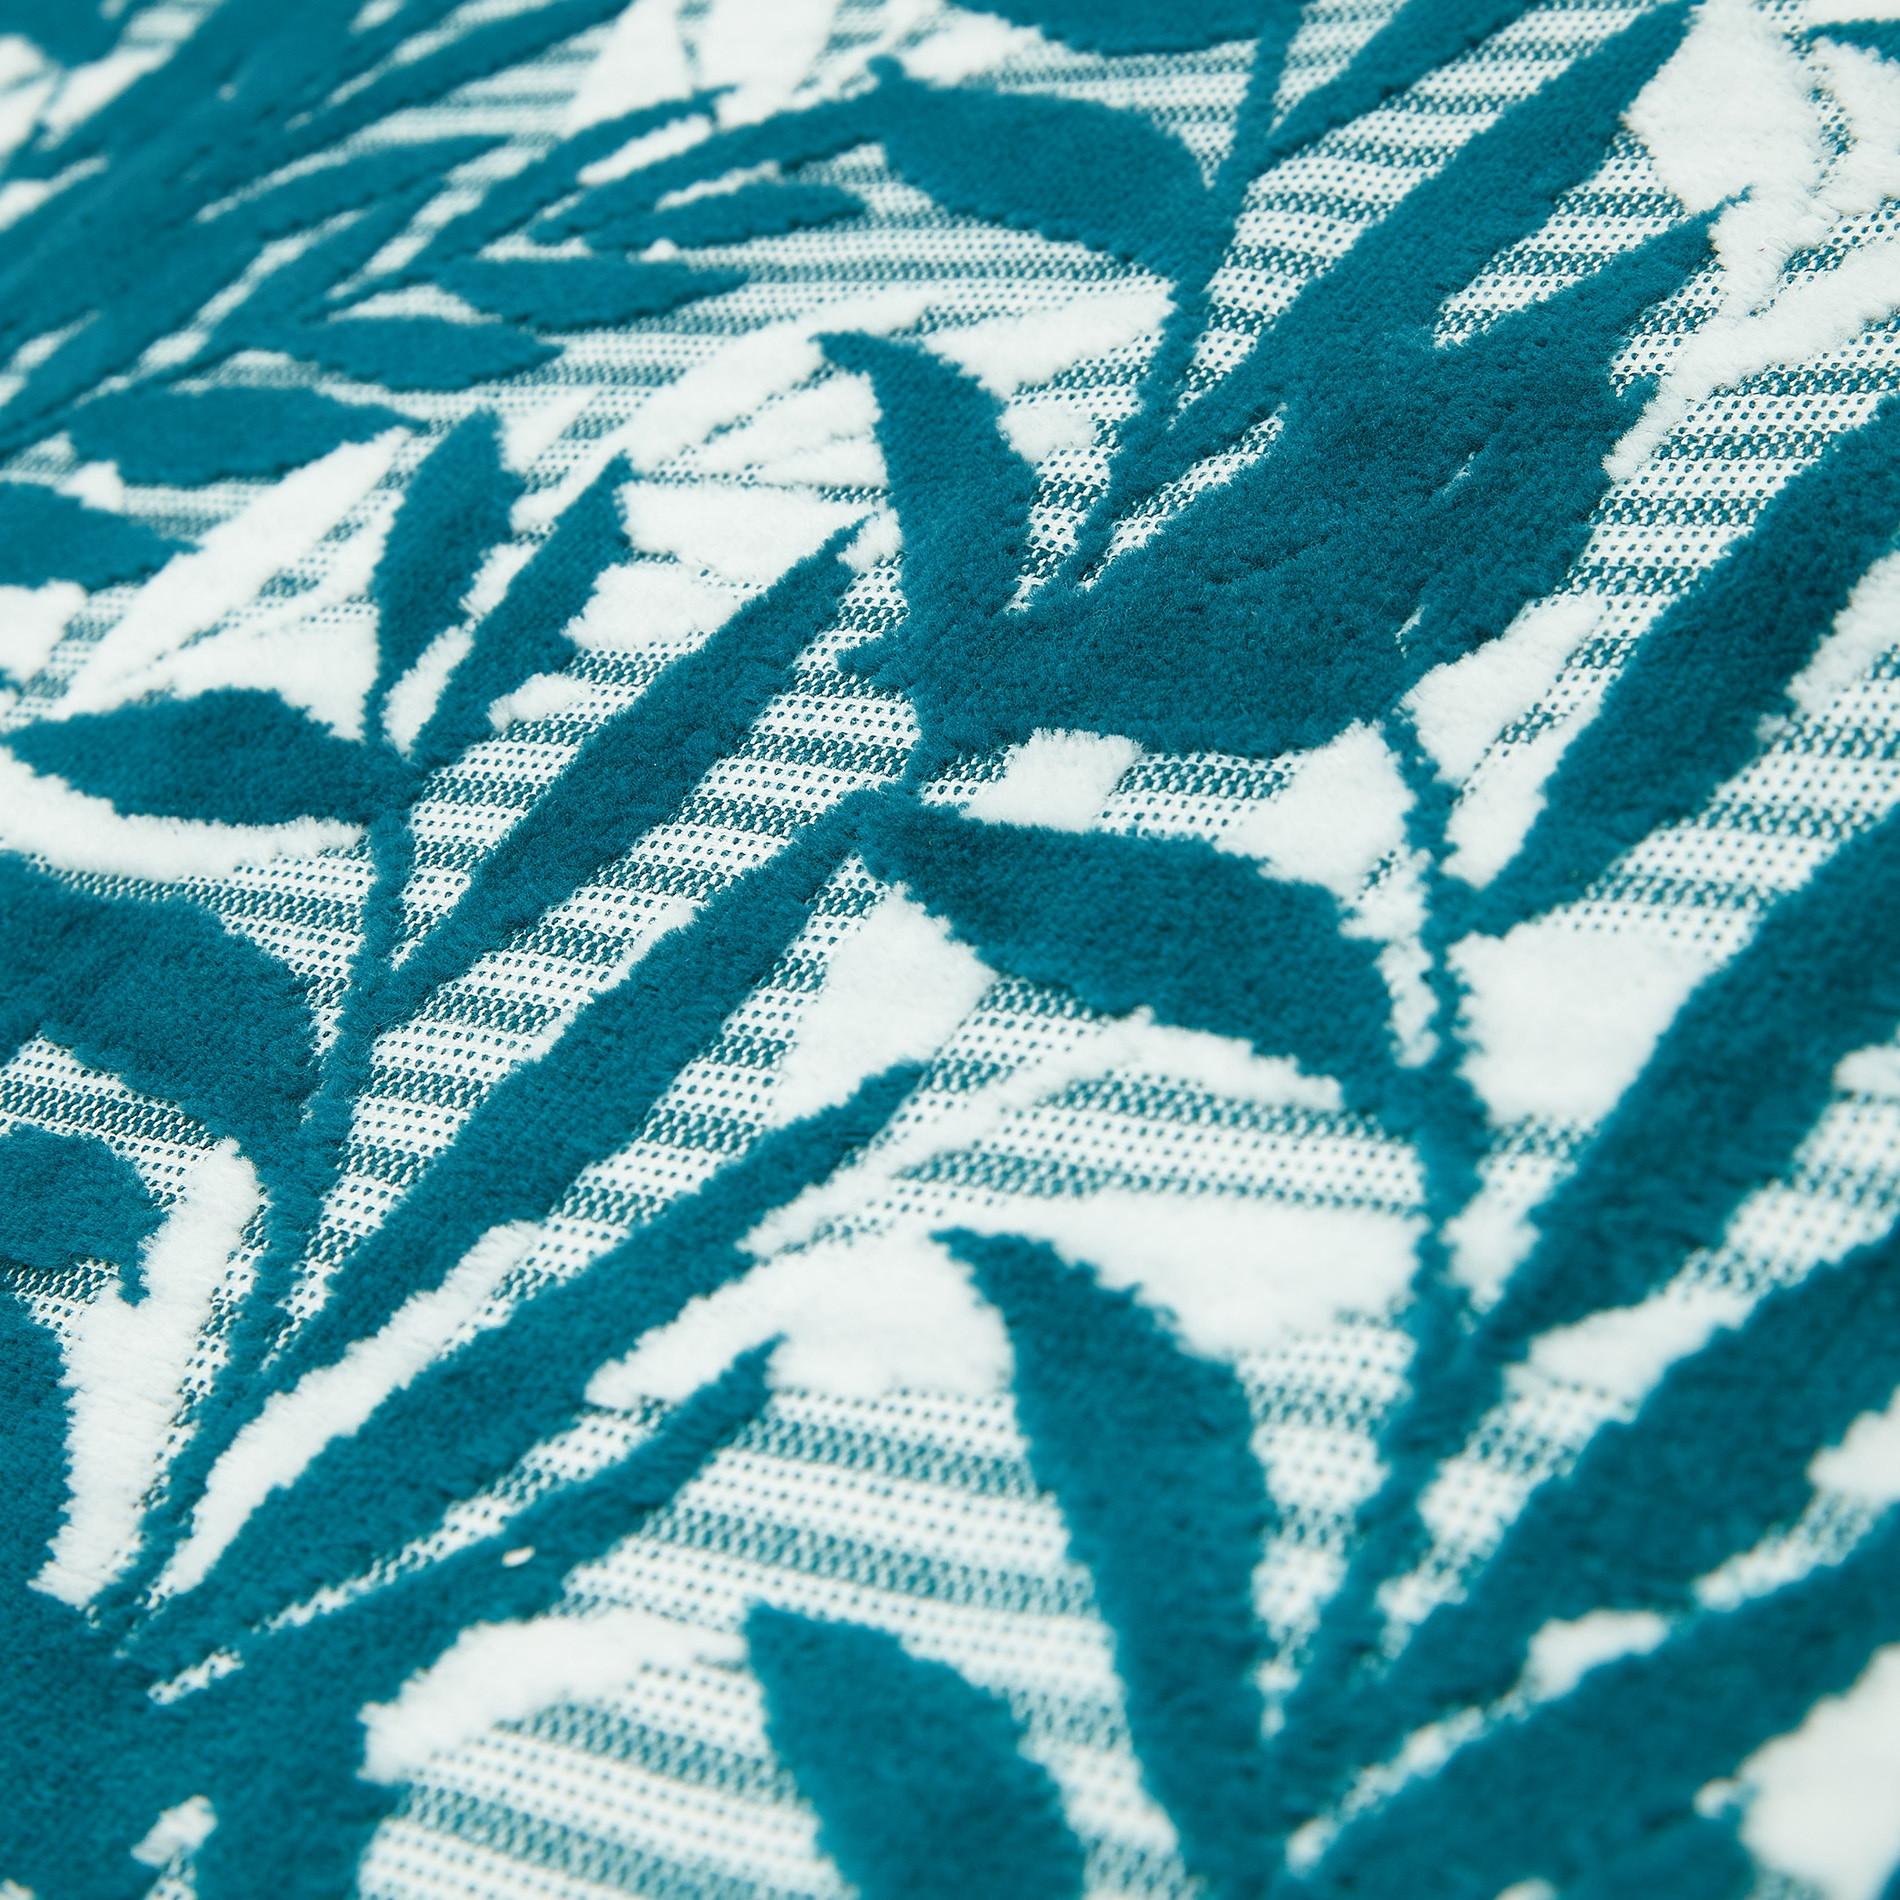 Asciugamano cotone velour motivo foglie, Verde scuro, large image number 2